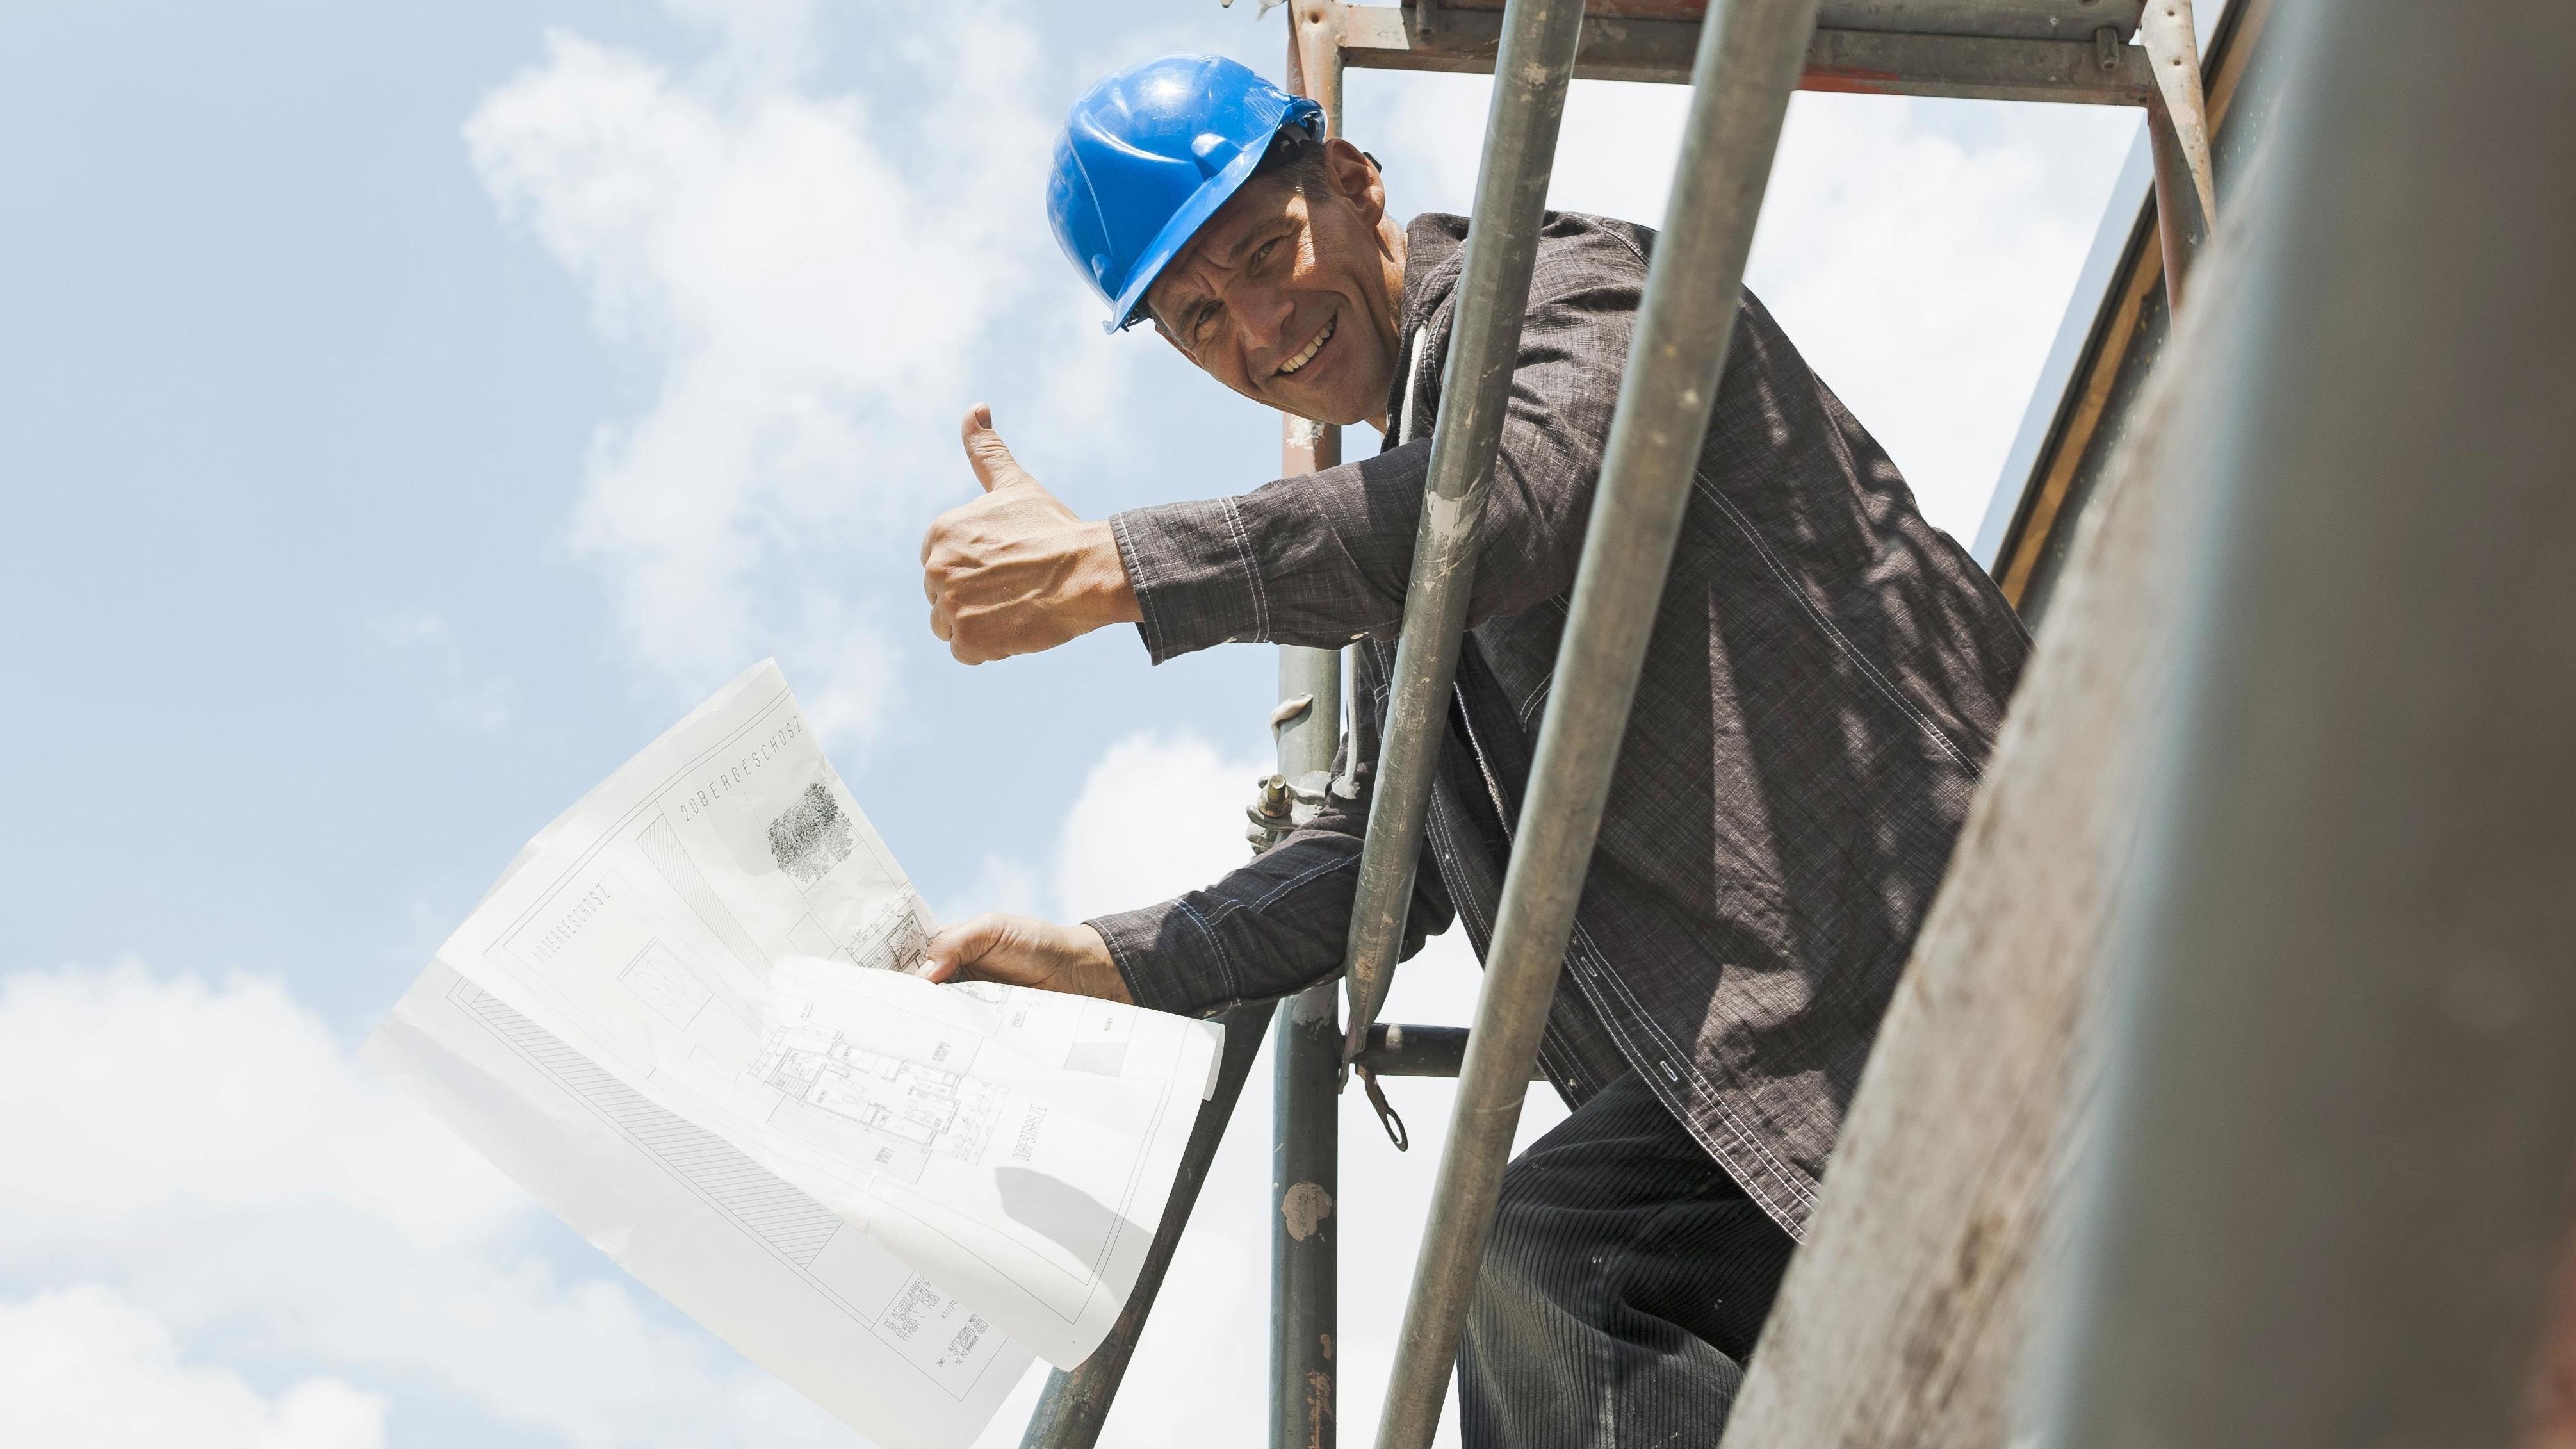 Auf einem Baugerüst steht ein Mann mit Kunsstoffhelm, der den Daumen hebt und lächelt